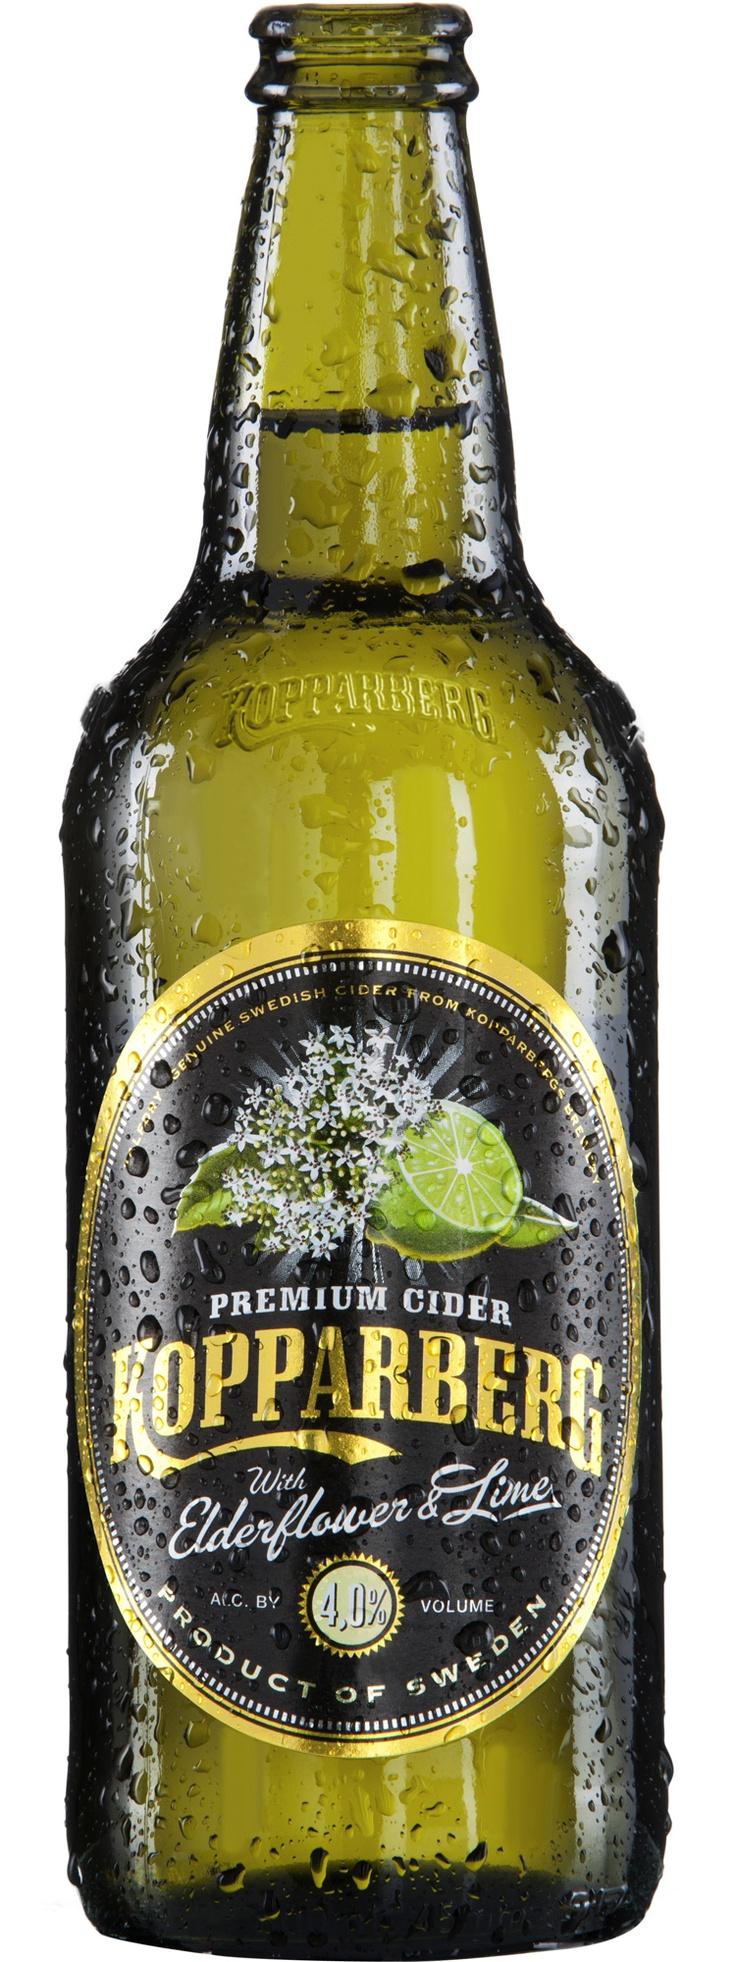 Kopparberg Elderflower & Lime Cider 500mL